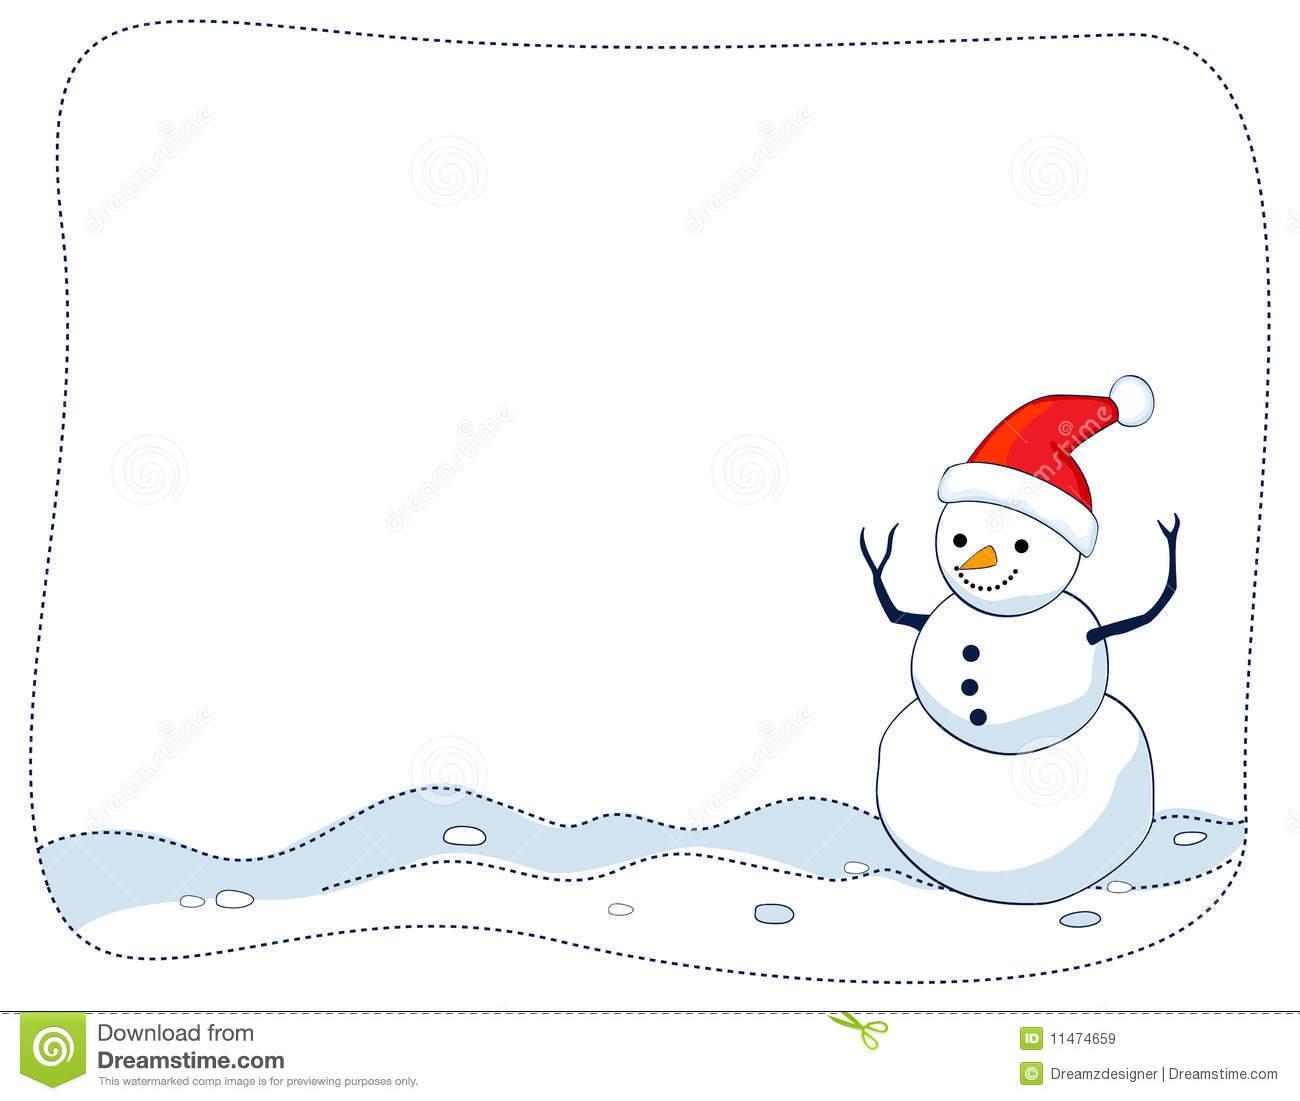 Snowman border / frame stock vector. Illustration of christmastime.